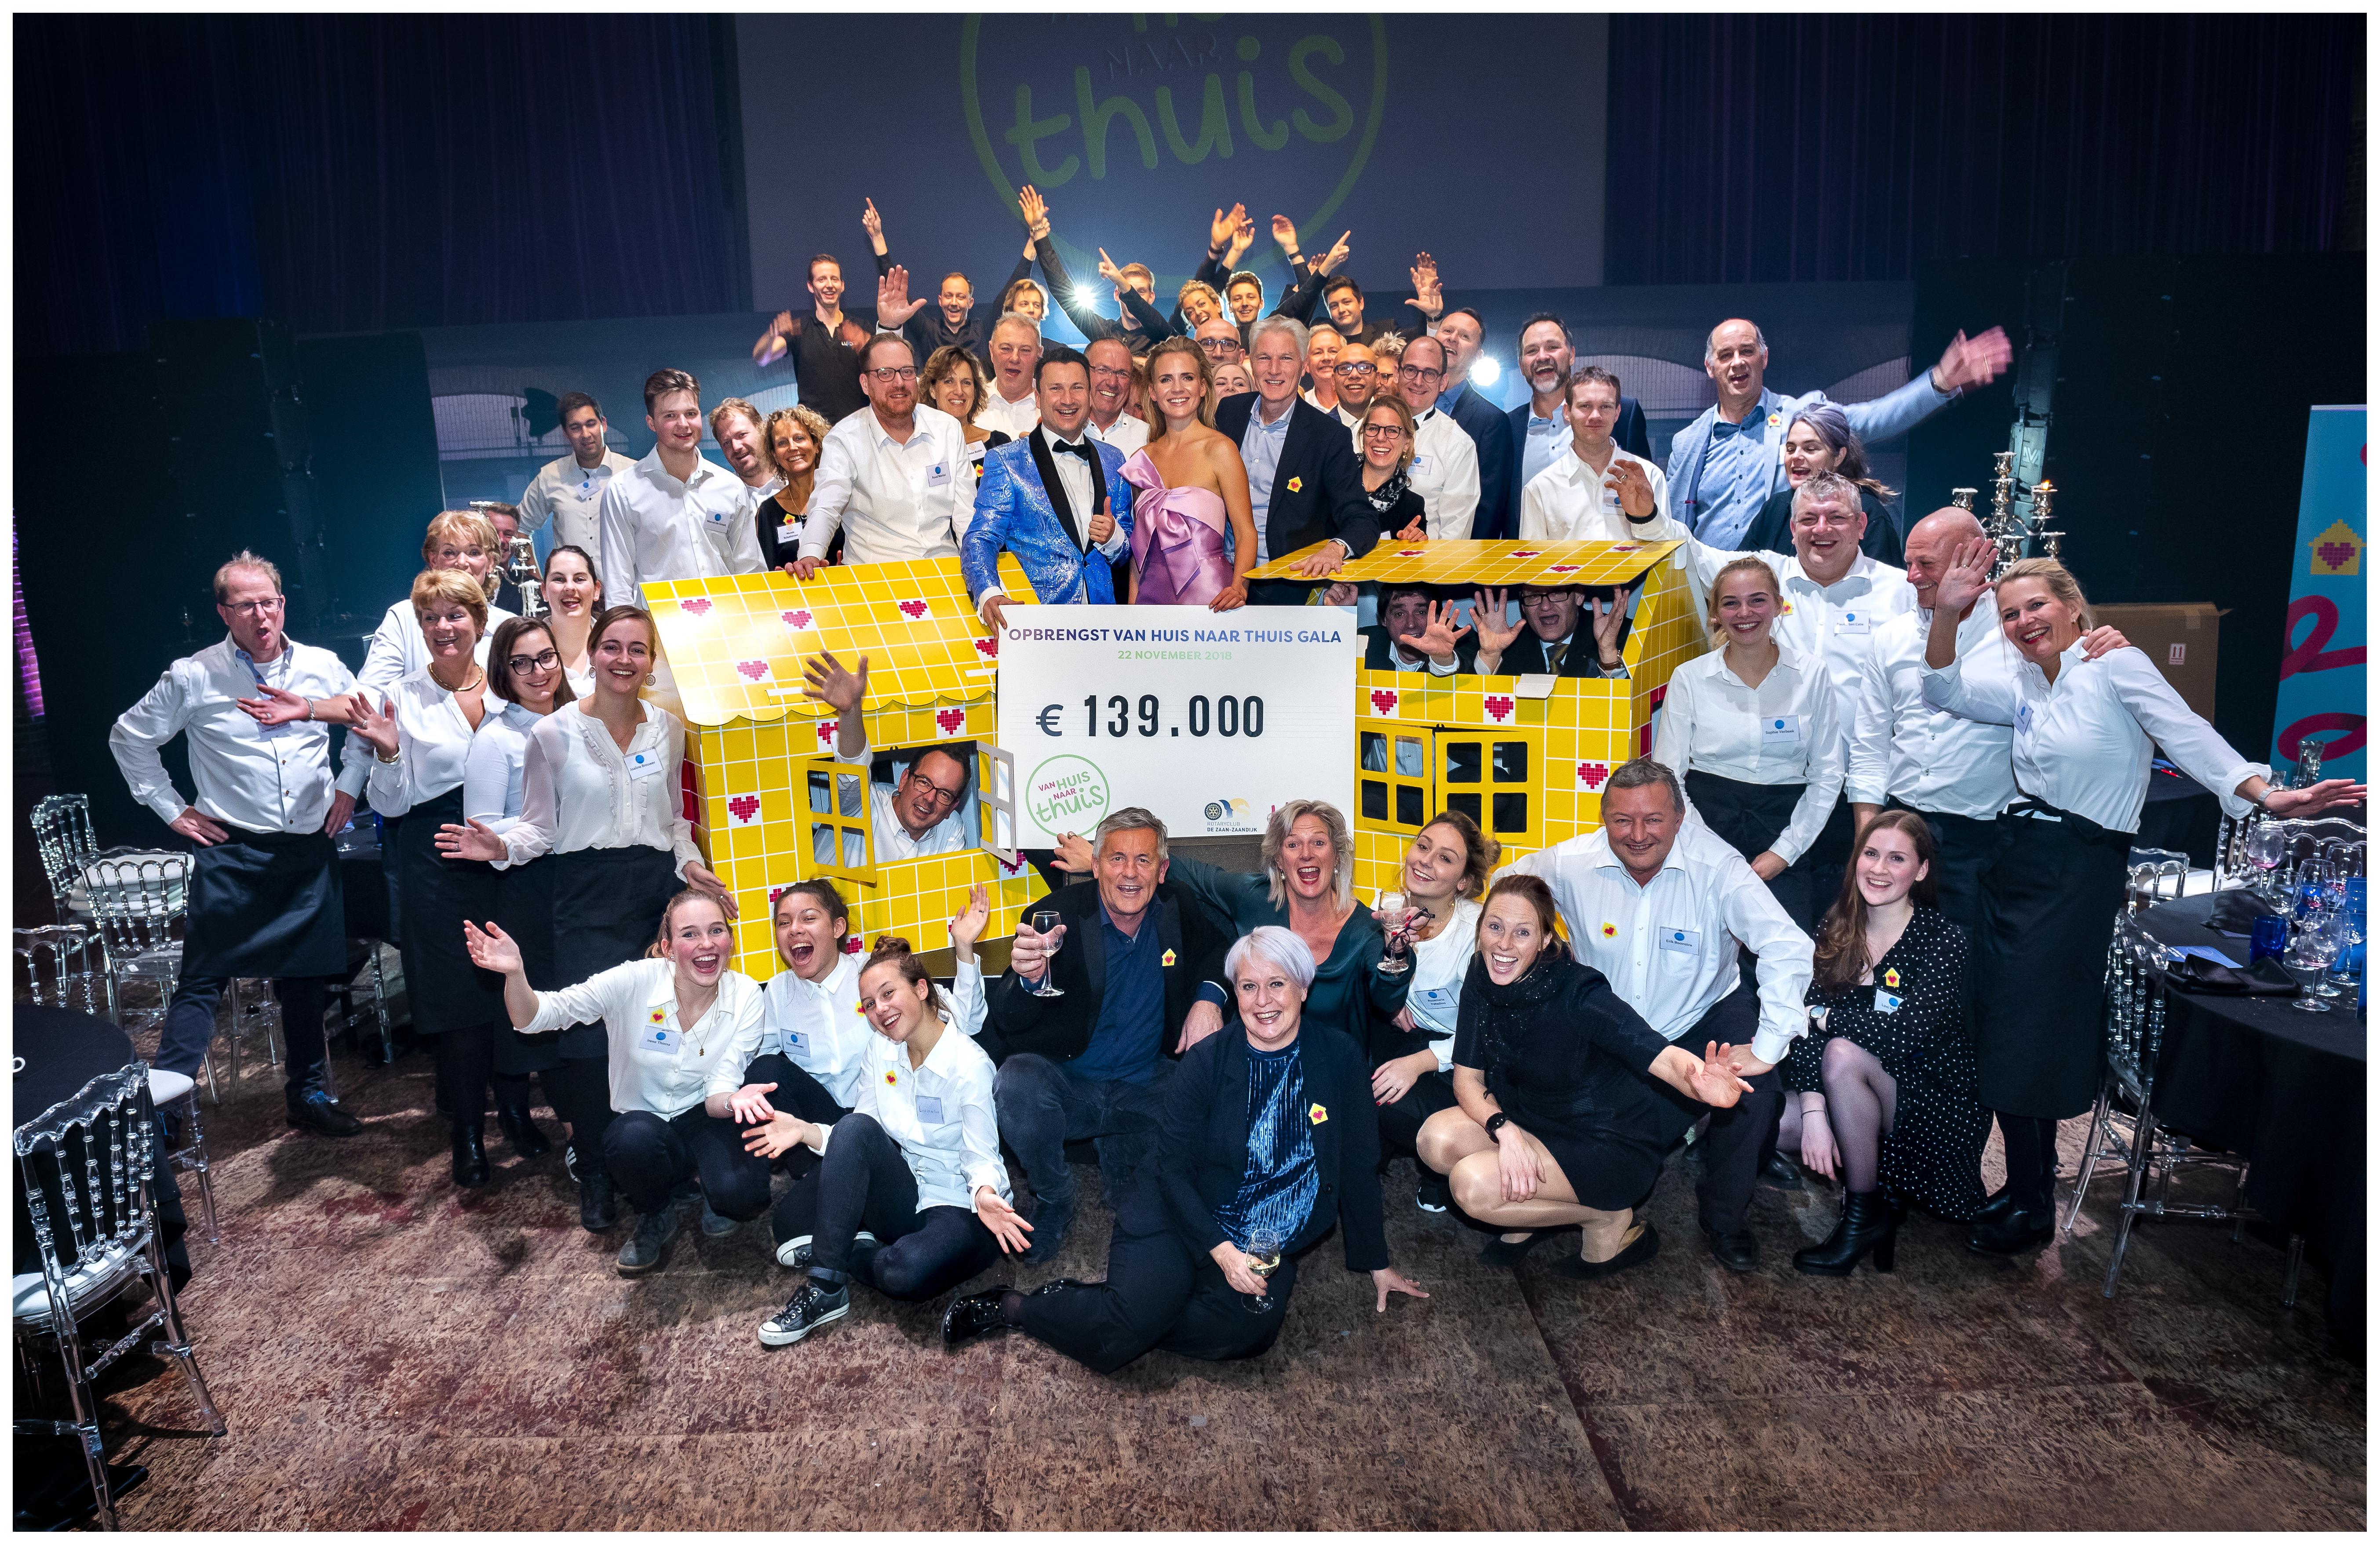 Alleen maar blije gezichten bij het gala van Rotaryclub De Zaan Zaandijk. (Foto: Bart Homburg)